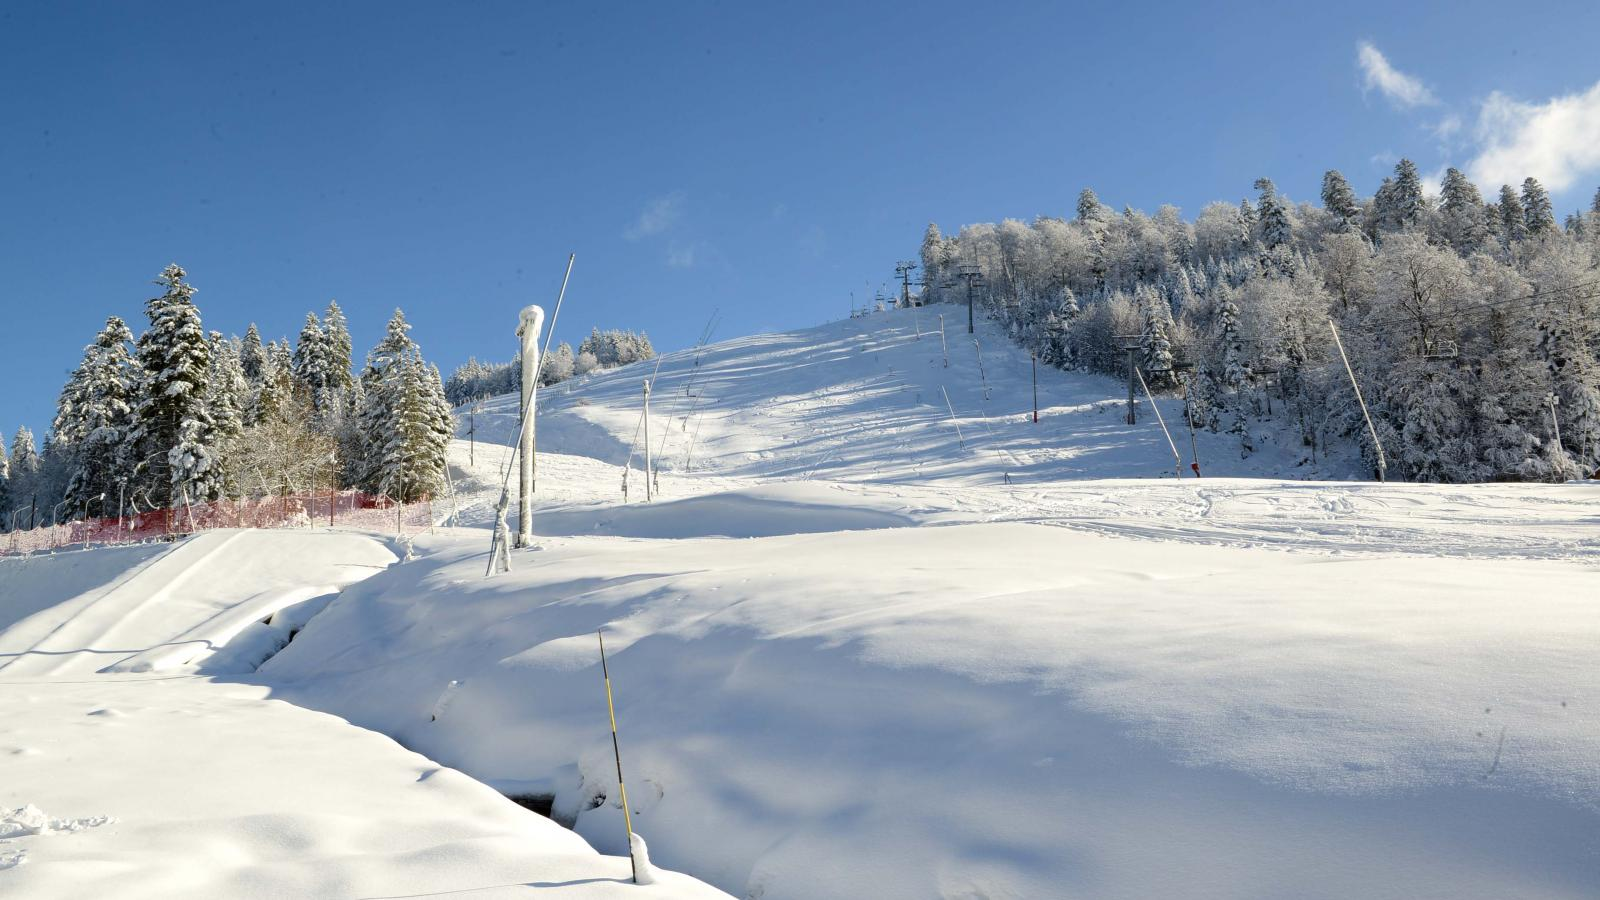 Domaine Skiable de la Bresse